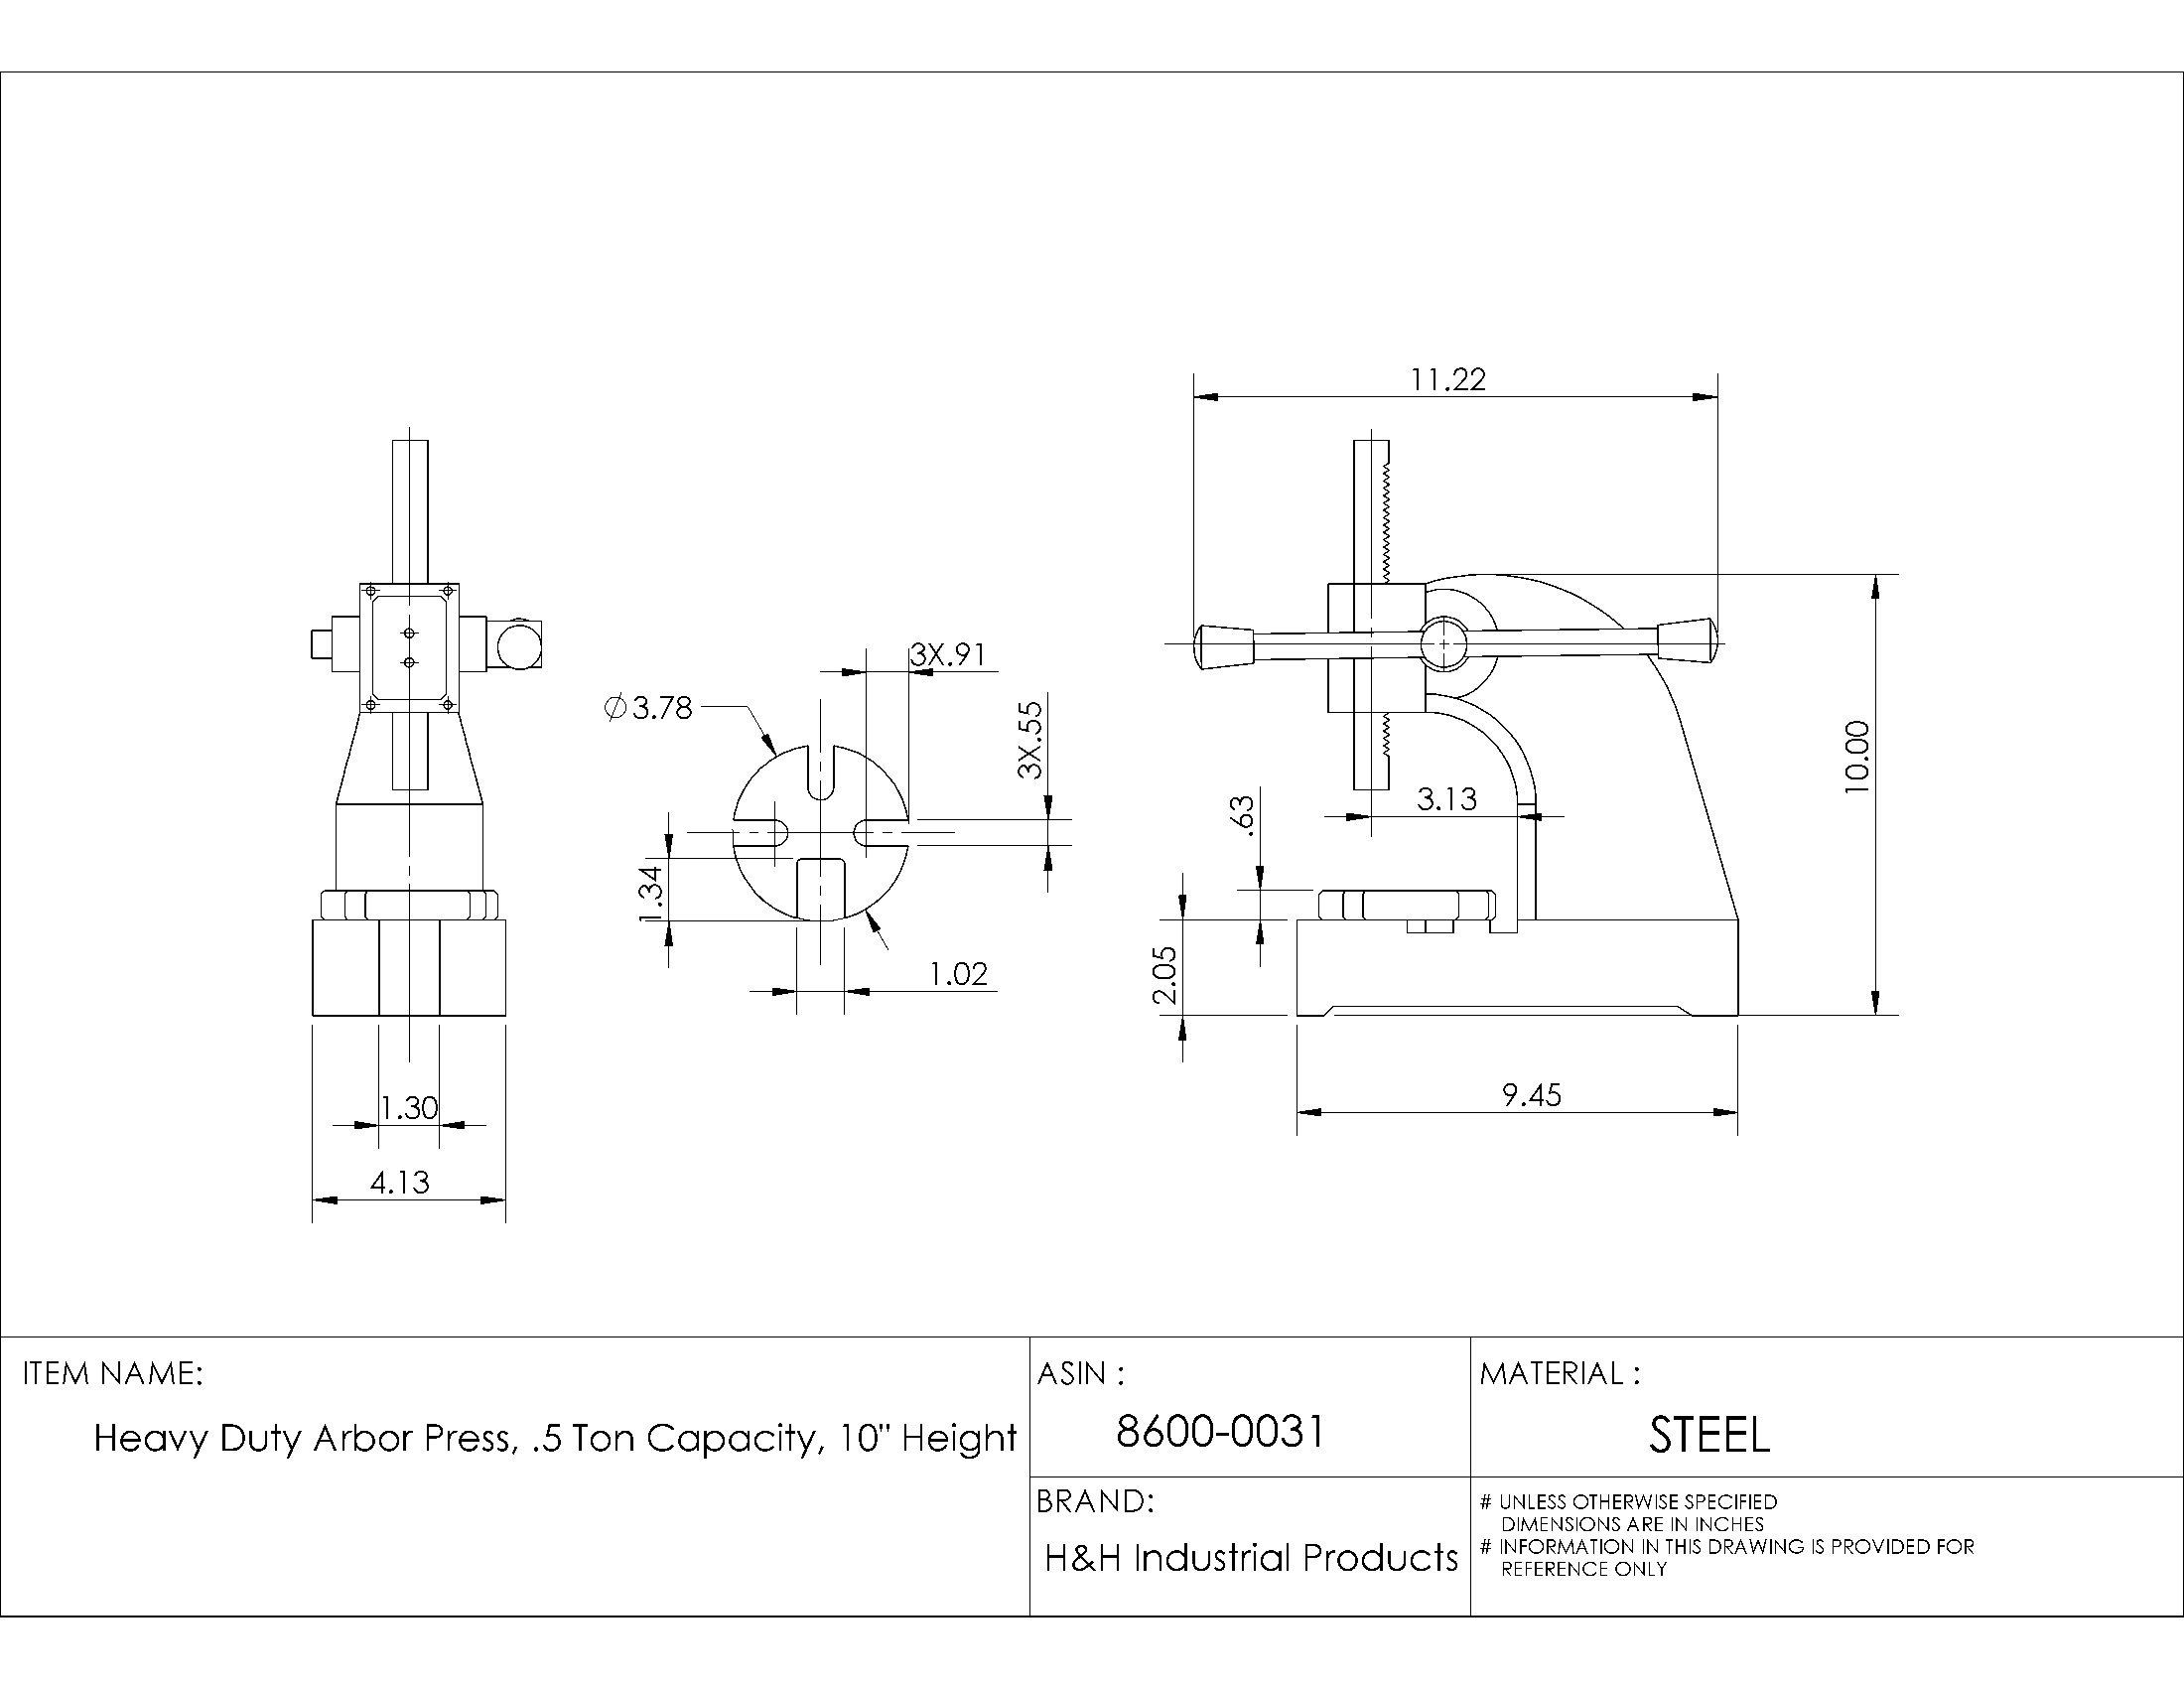 HHIP 8600-0031 Heavy Duty Arbor Press.5 Ton Capacity, 10'' Height (Pack of 1)